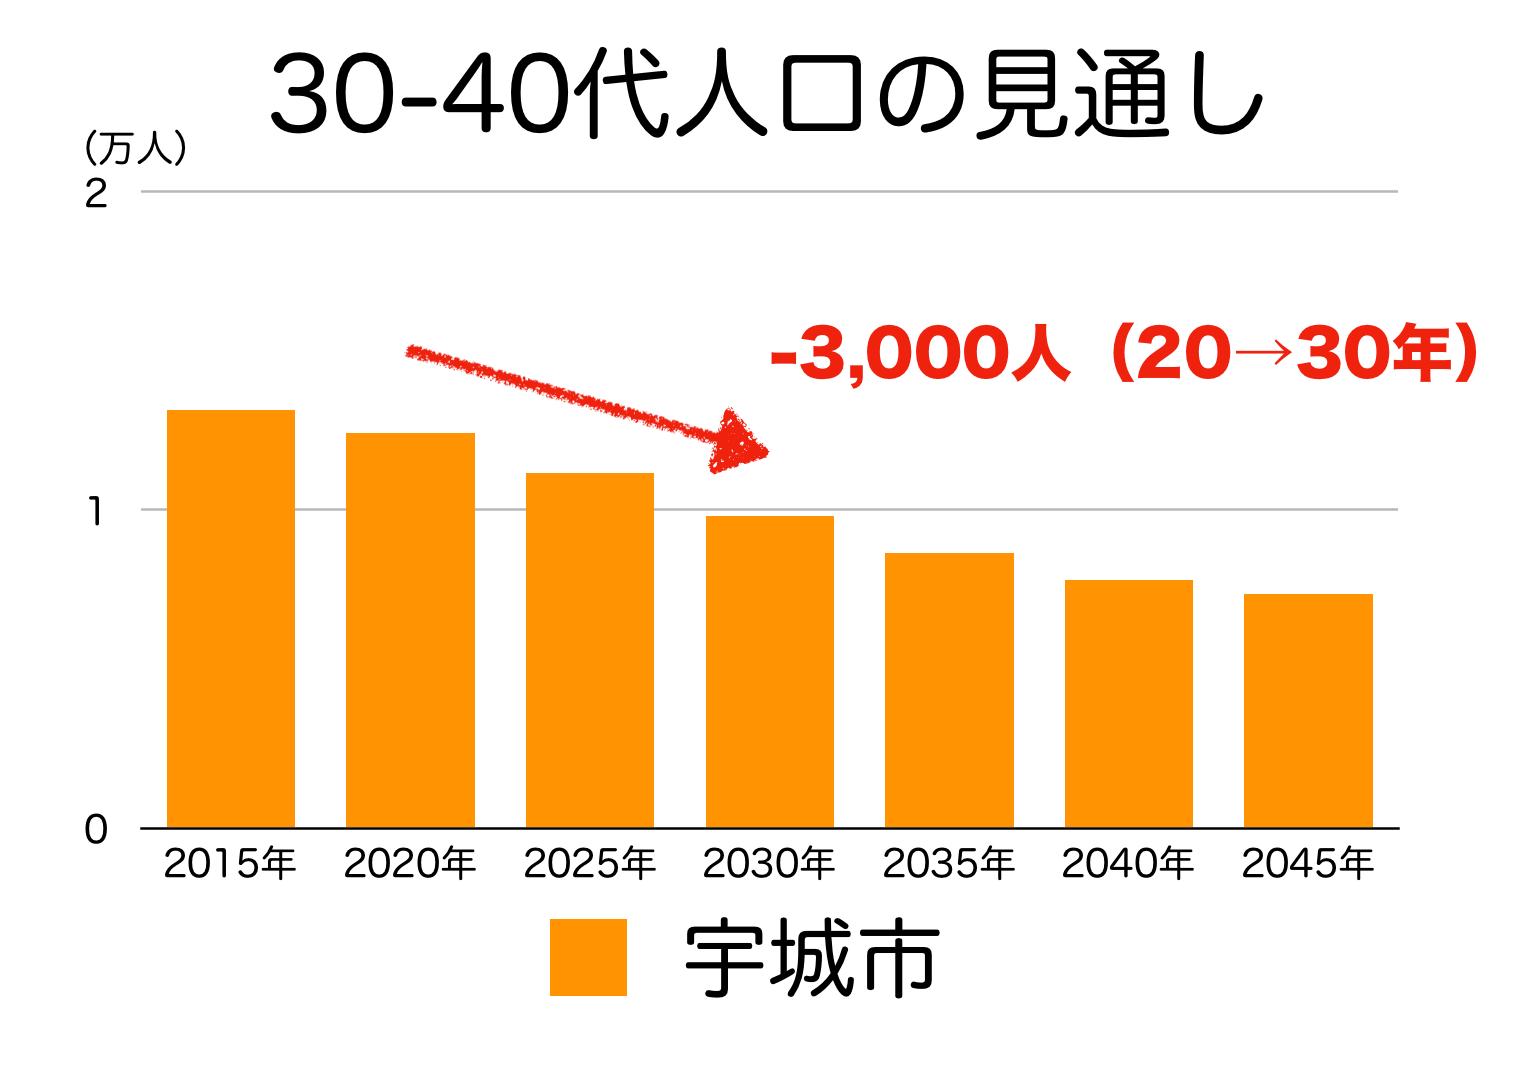 宇城市の30〜40代人口の予測